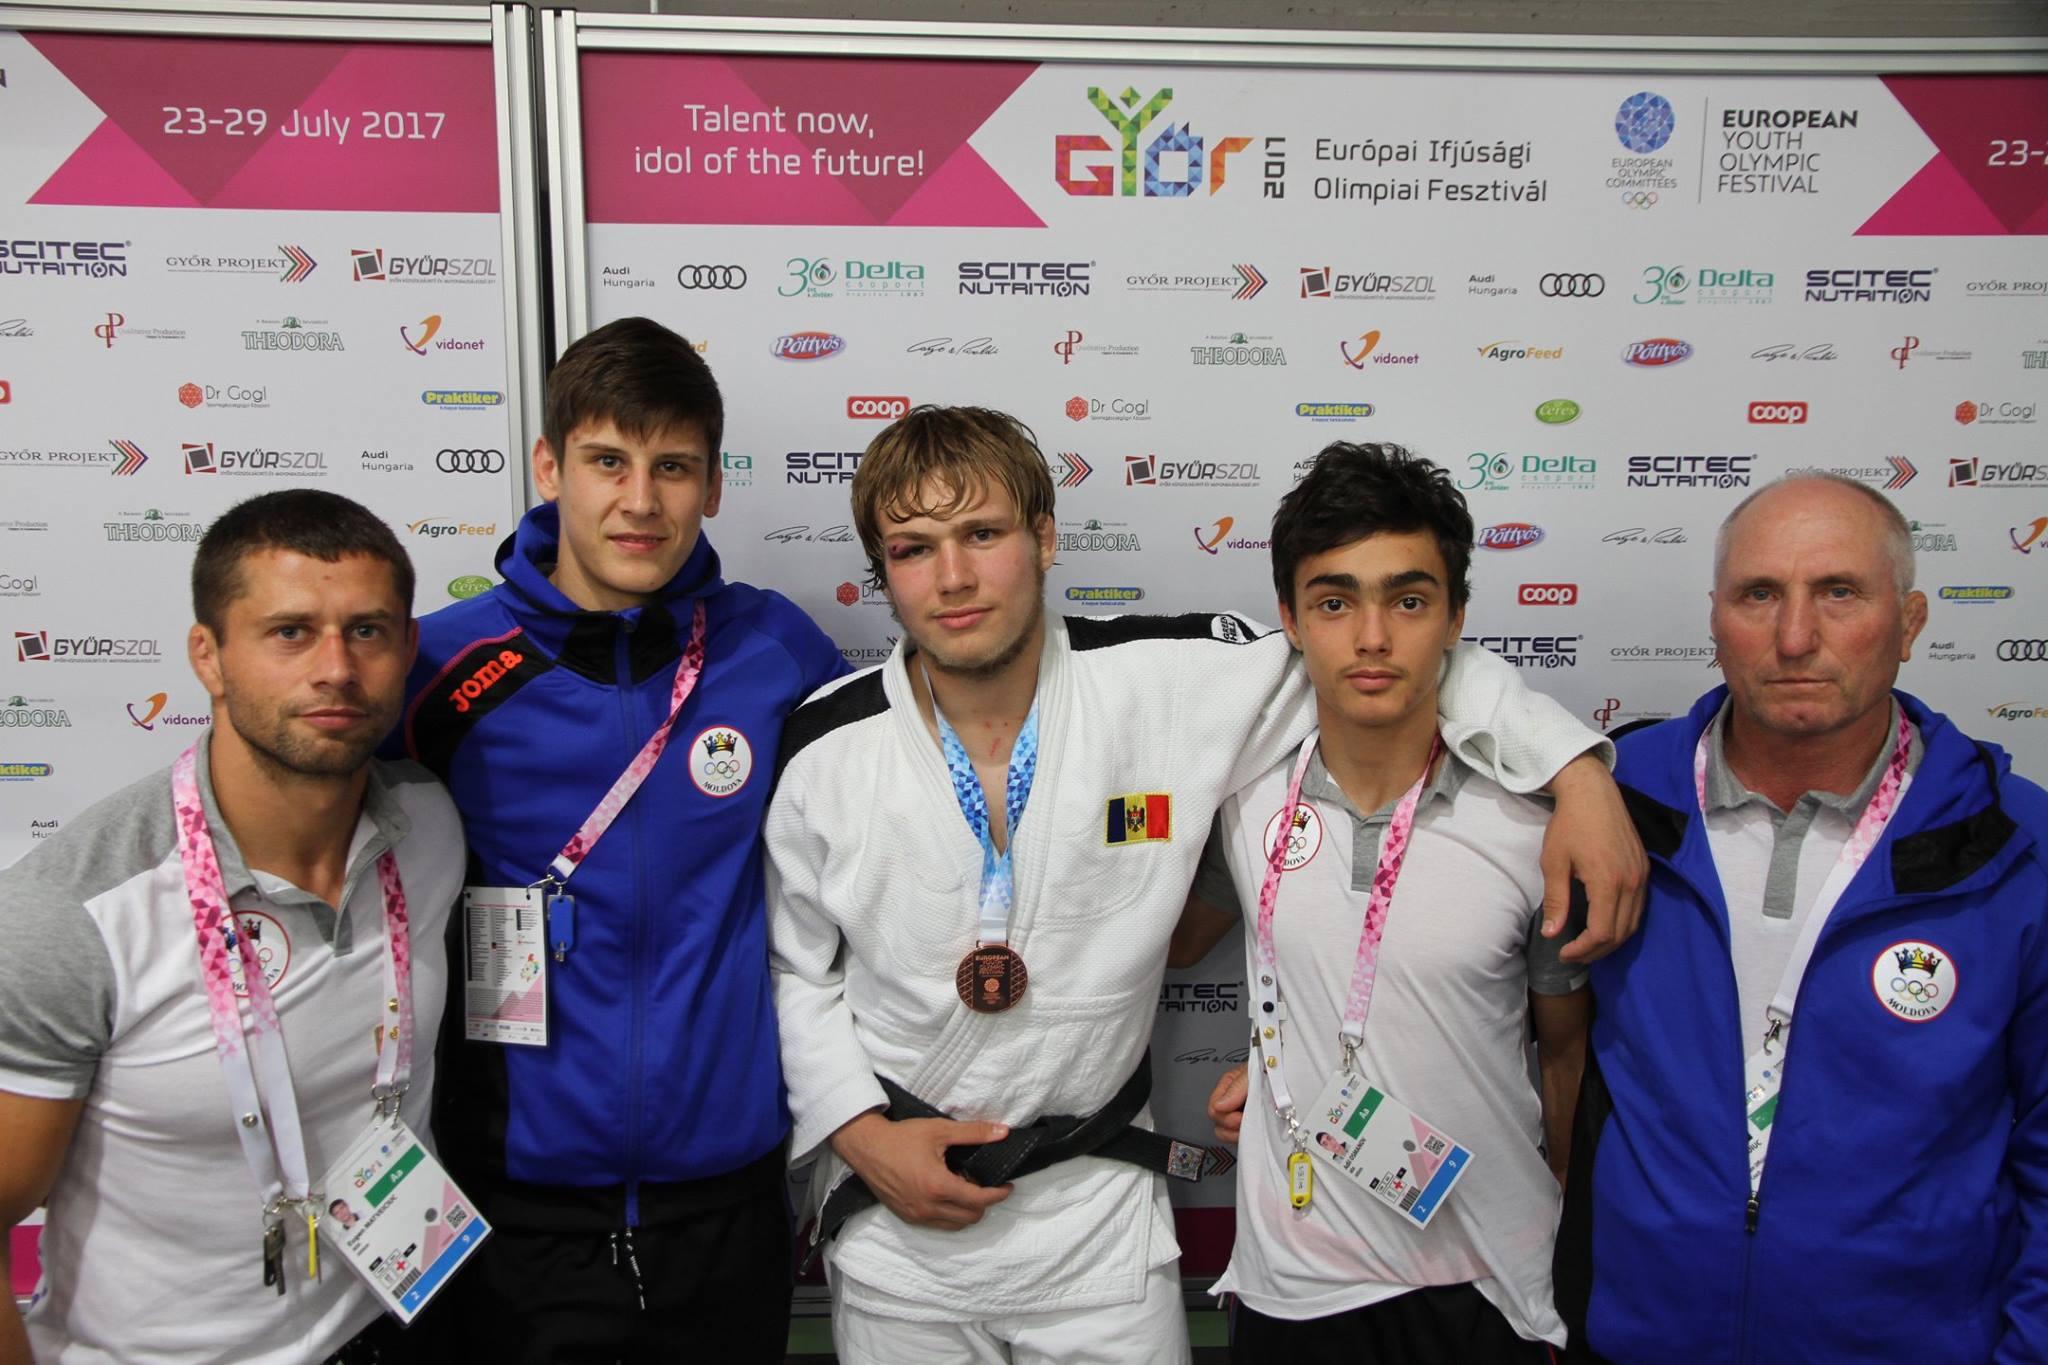 Judocanii moldoveni participă la Campionatul Mondial printre cadeți